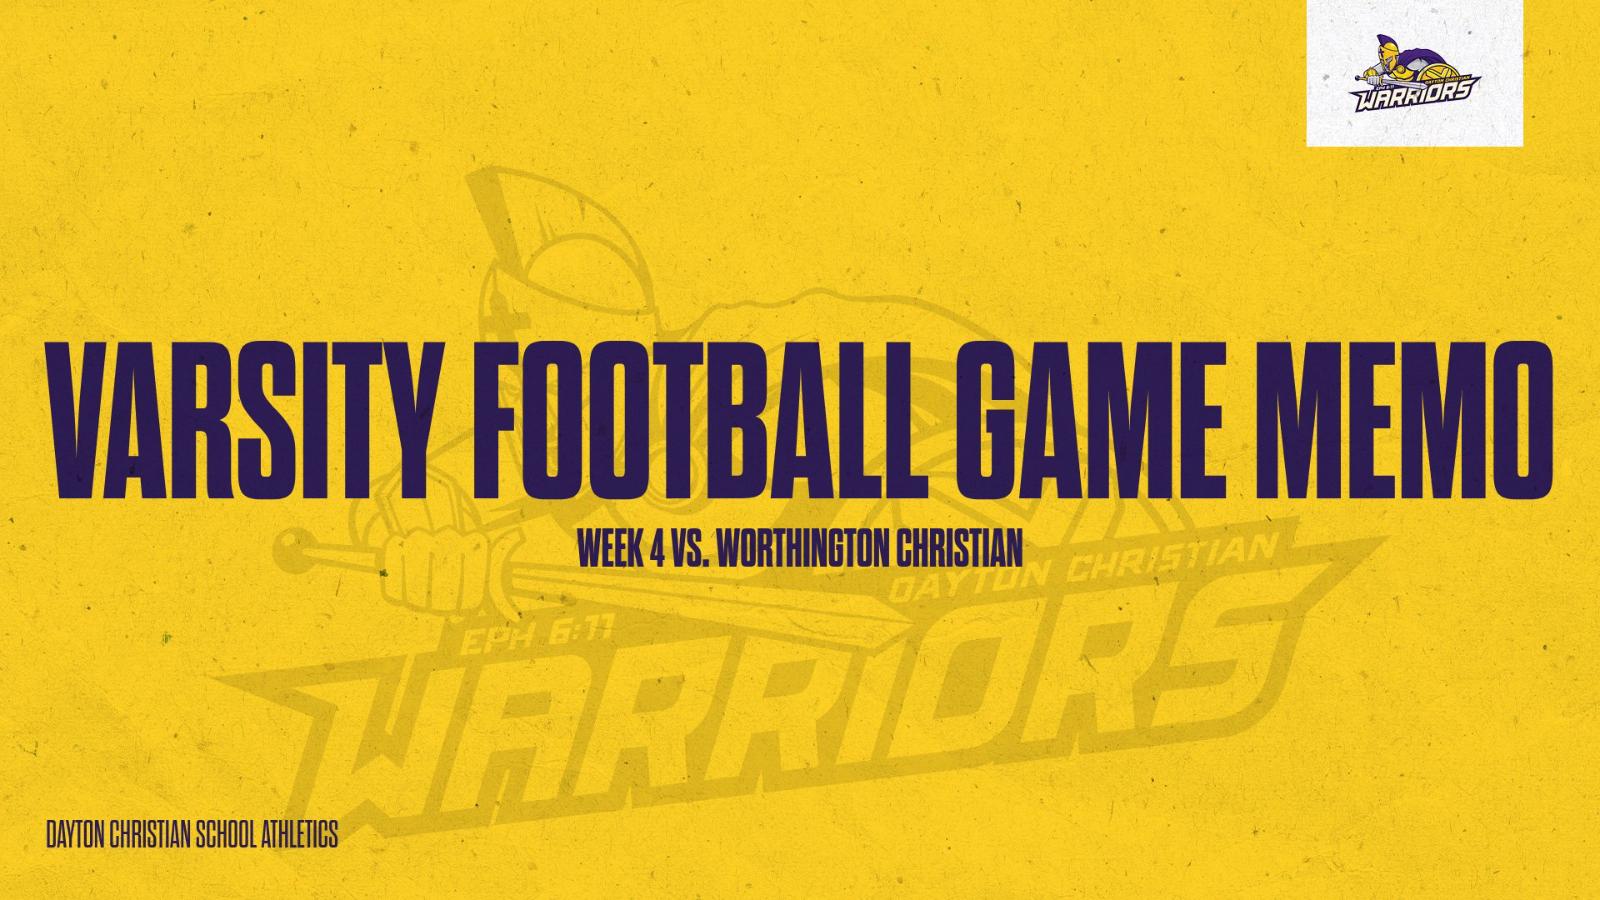 Week 4 Varsity Football Game Memo